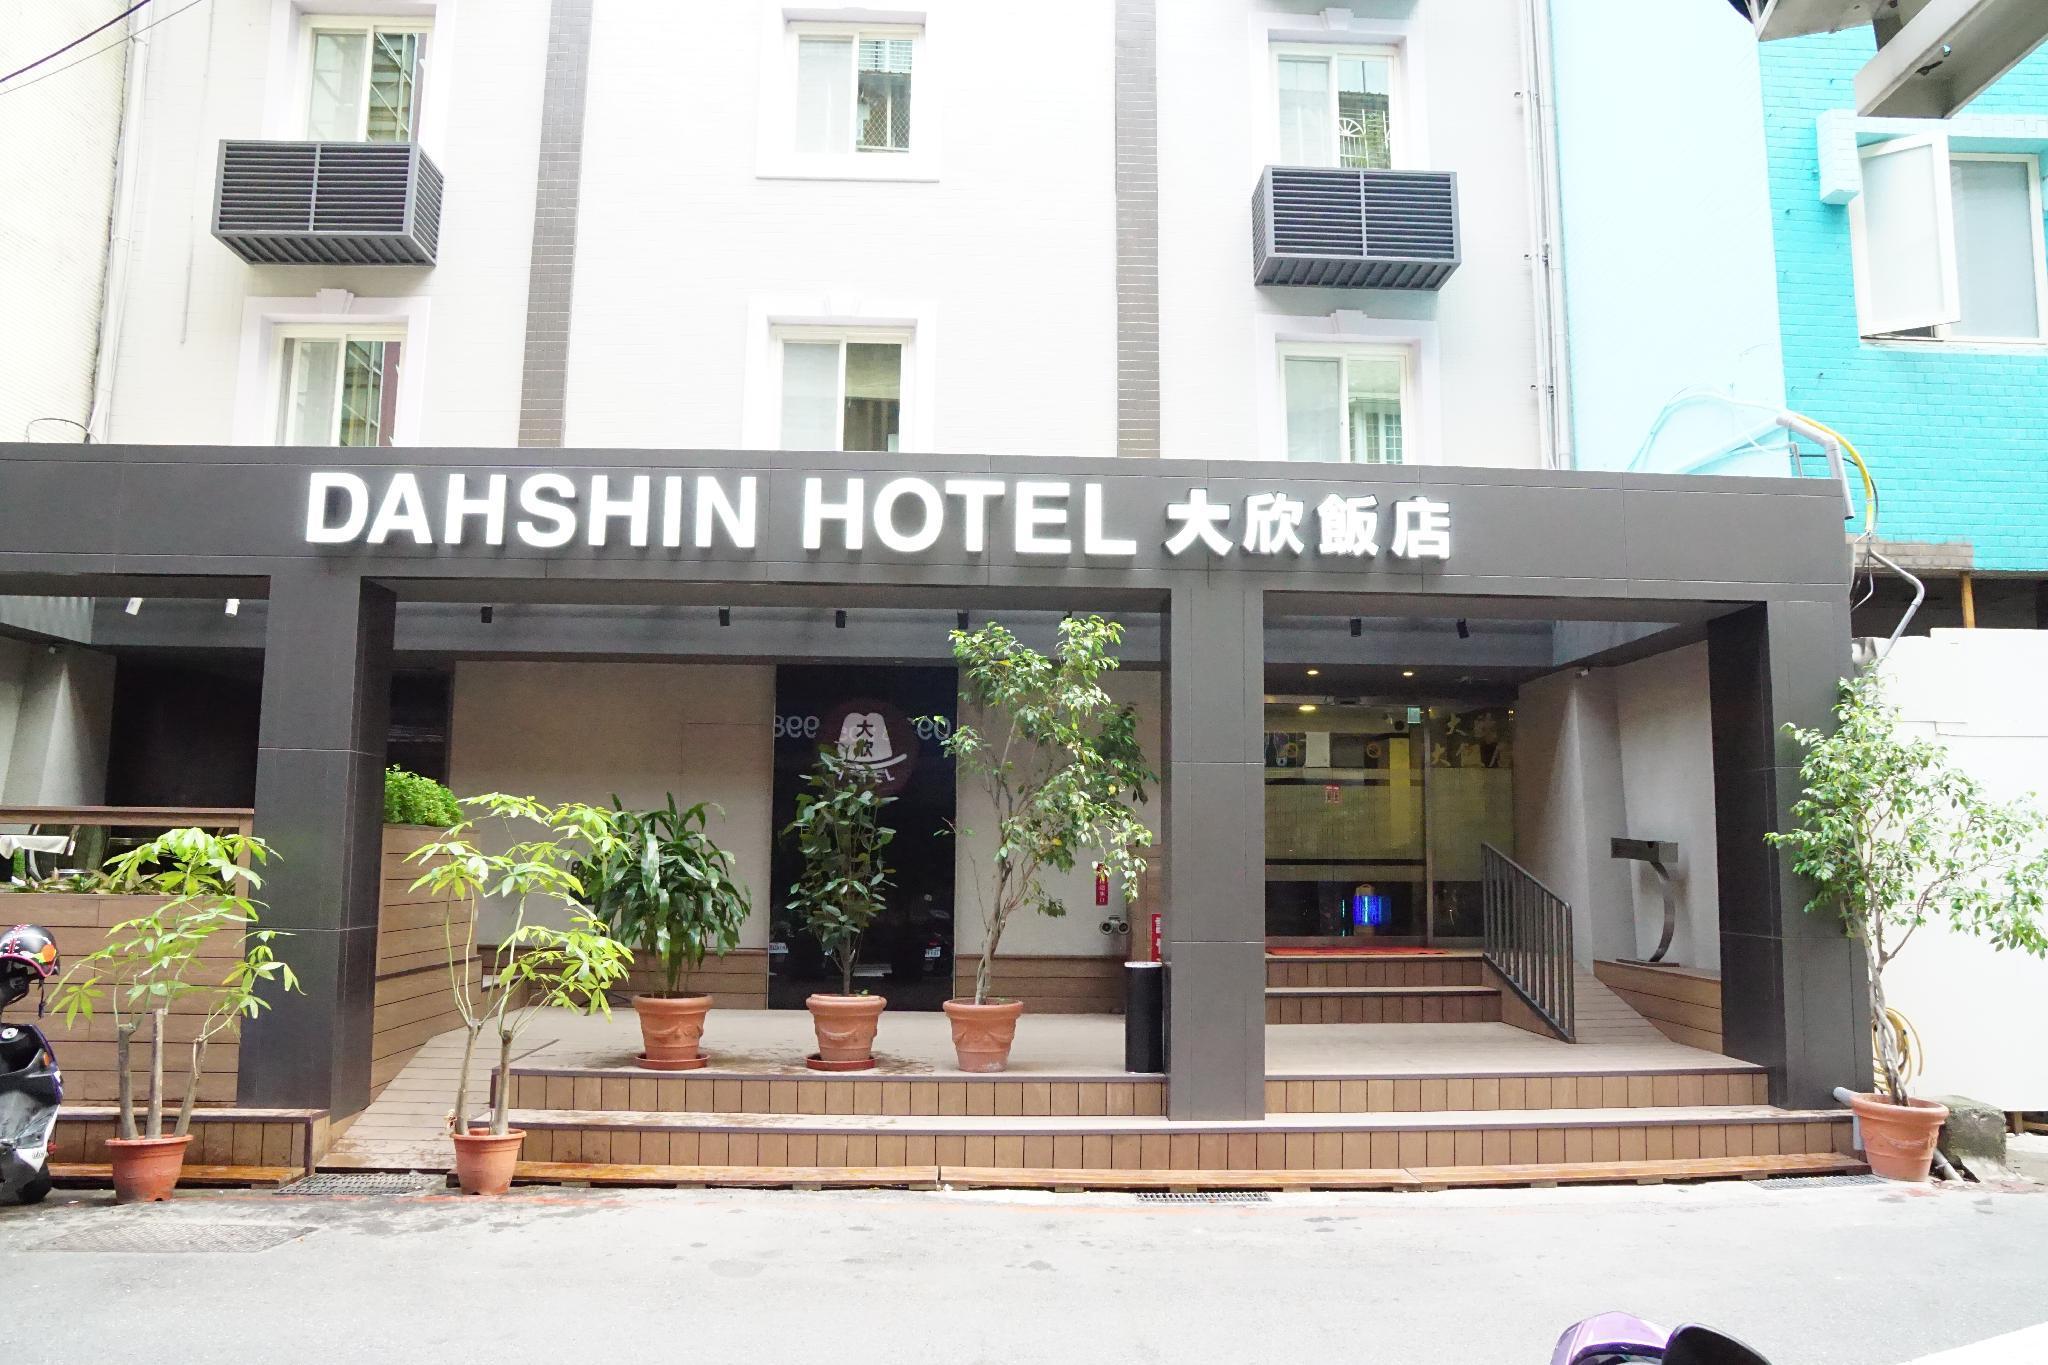 Dahshin Hotel